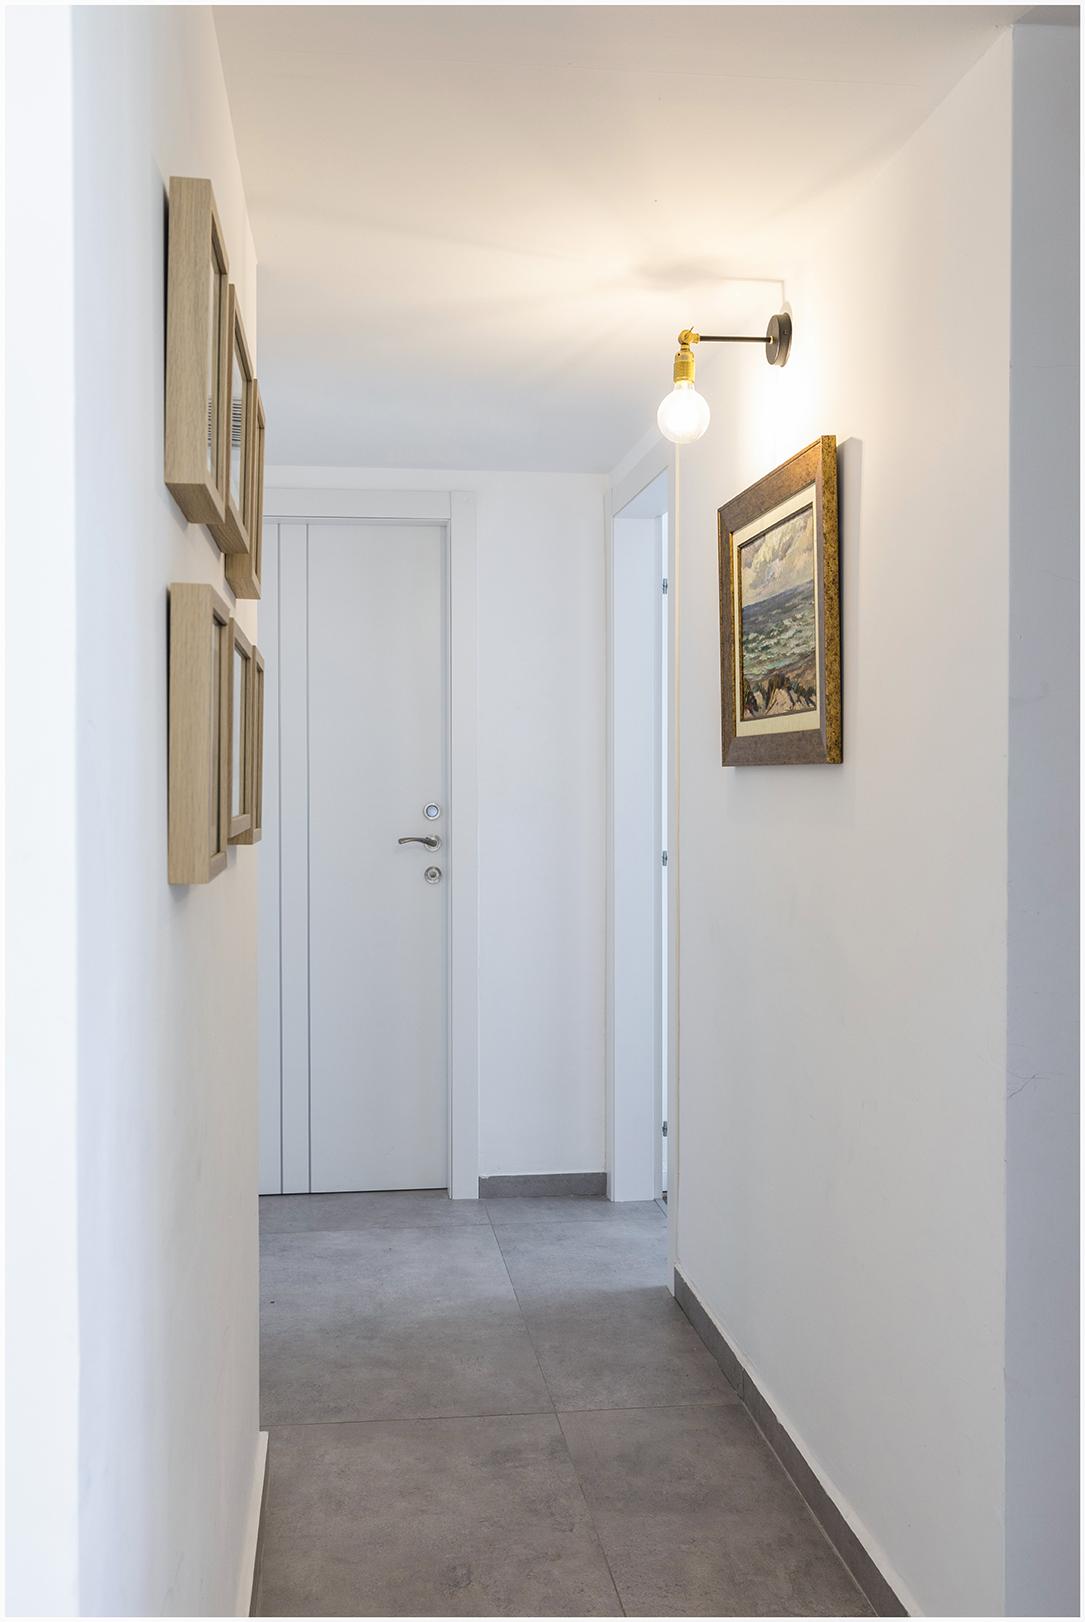 דירה בצפון תל אביב - מעבר חדרים